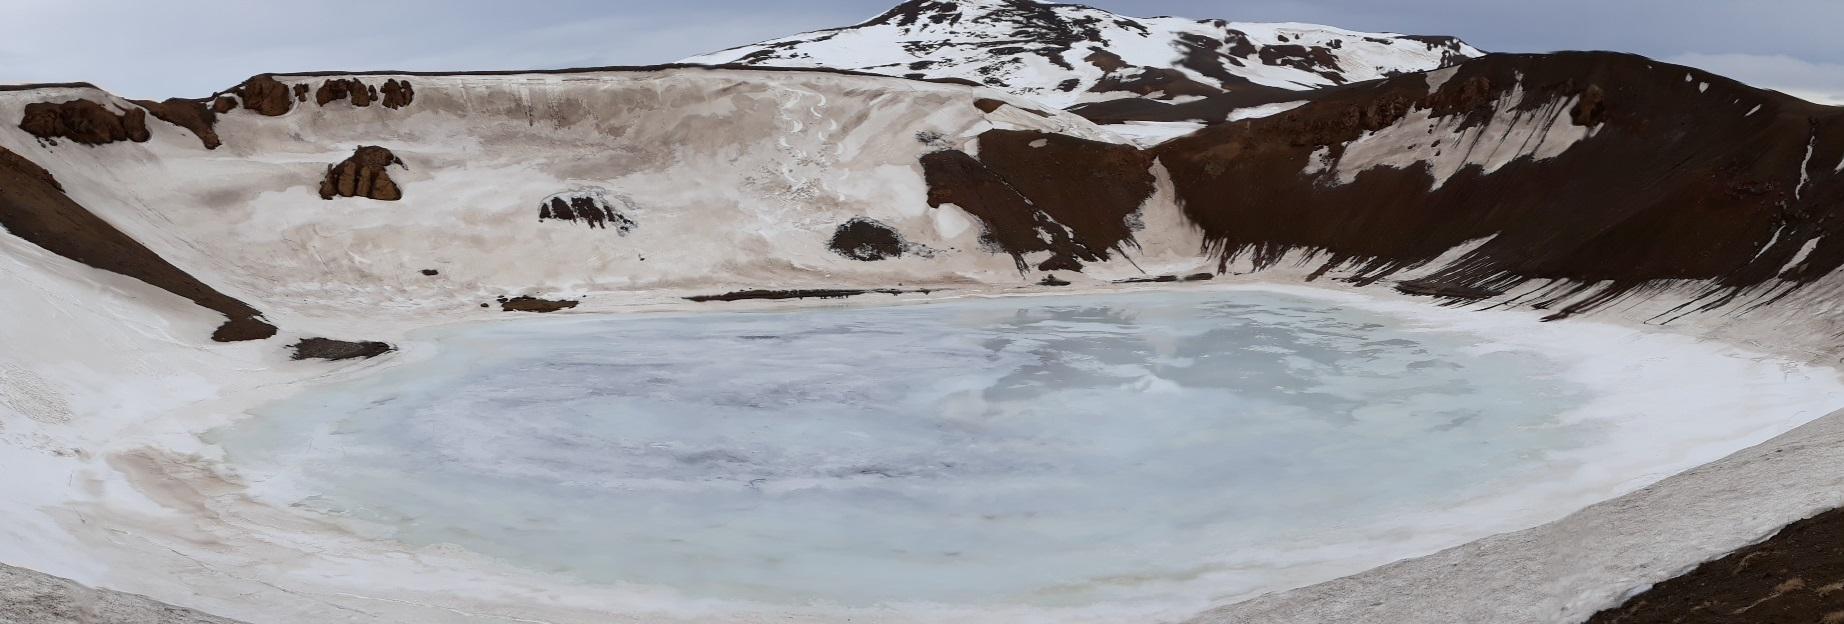 Islandia tierra de hielo y fuego